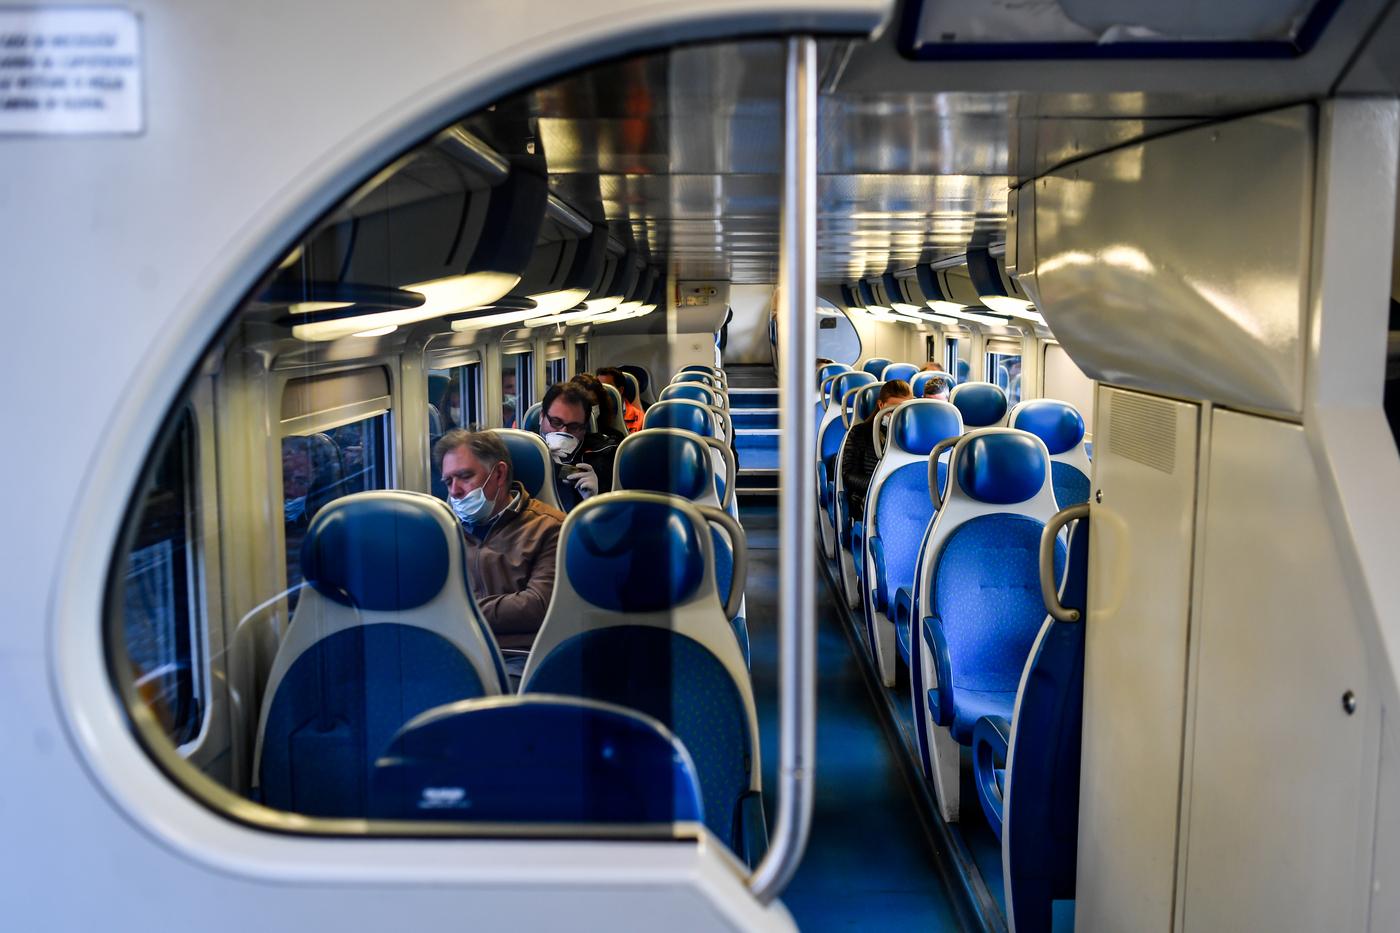 Terrore sul treno per Lodi, aggredita una sedicenne nel bagno